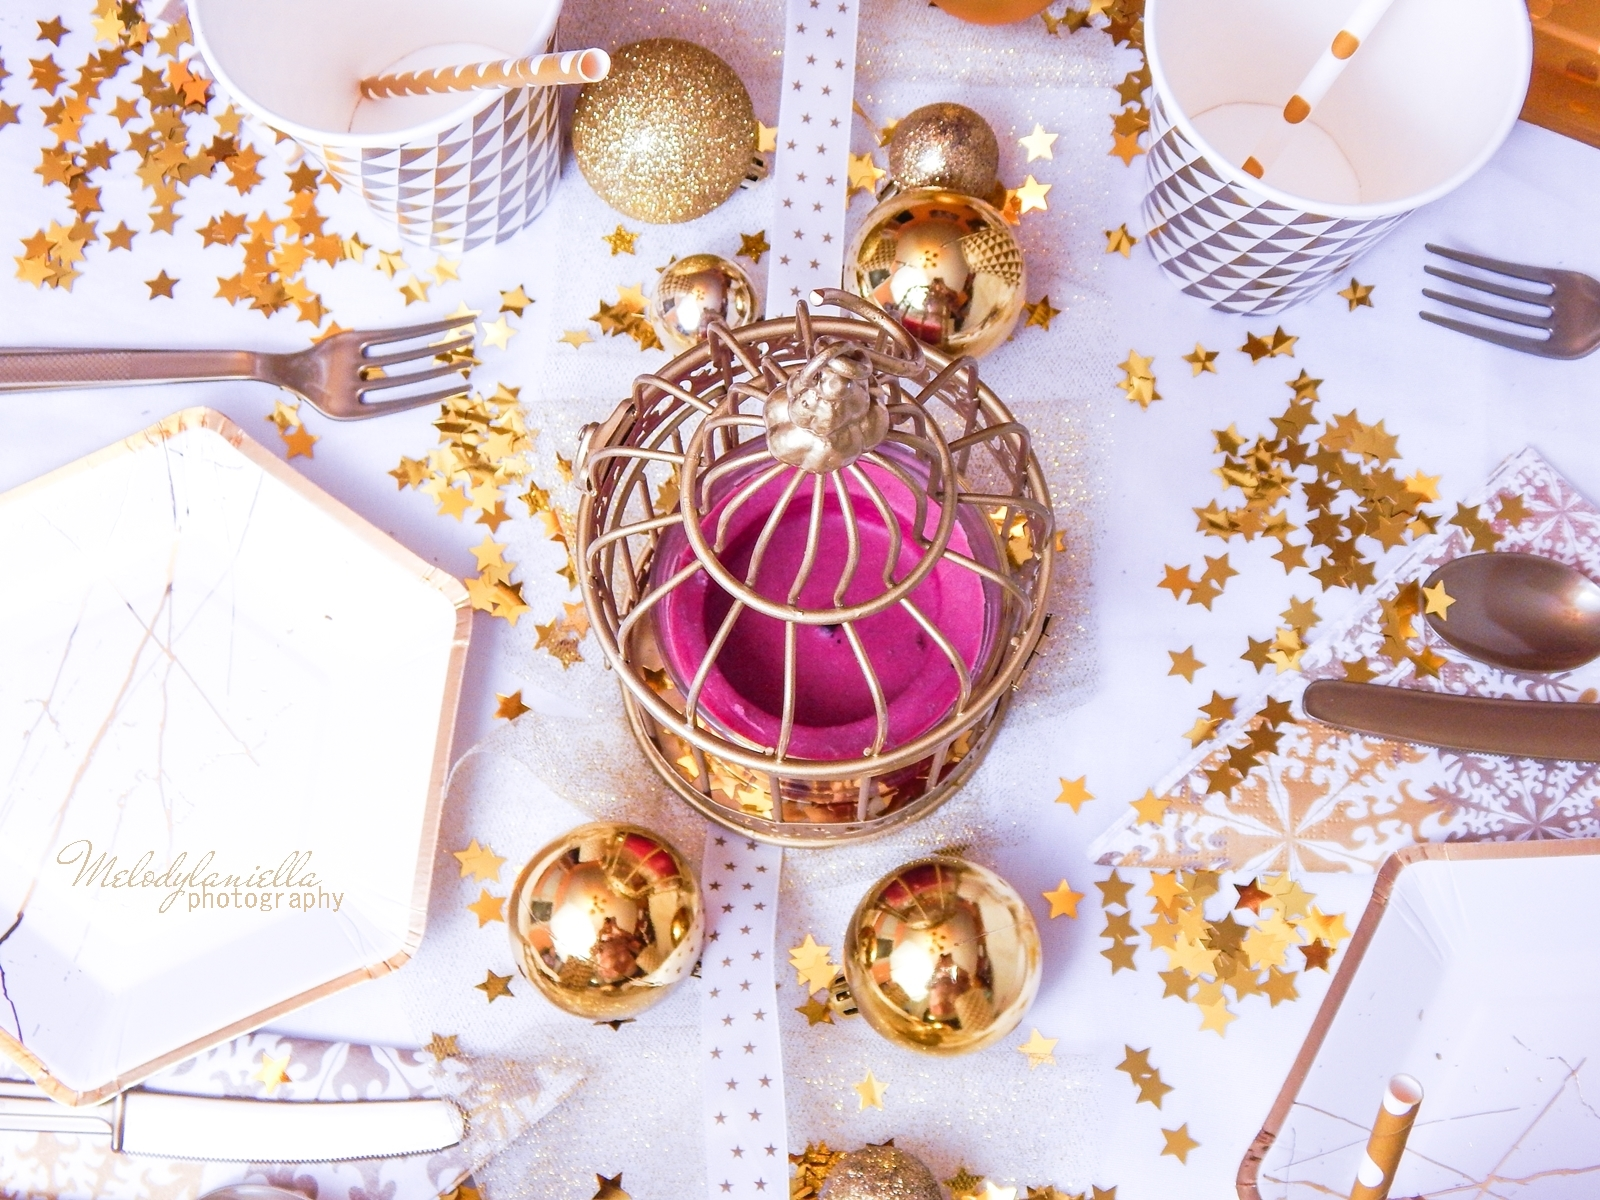 18 dekoracje do domu w kolorze złota melodylaniella partybox ciekawe dodatki do aranżancji świątecznego imprezowego stołu